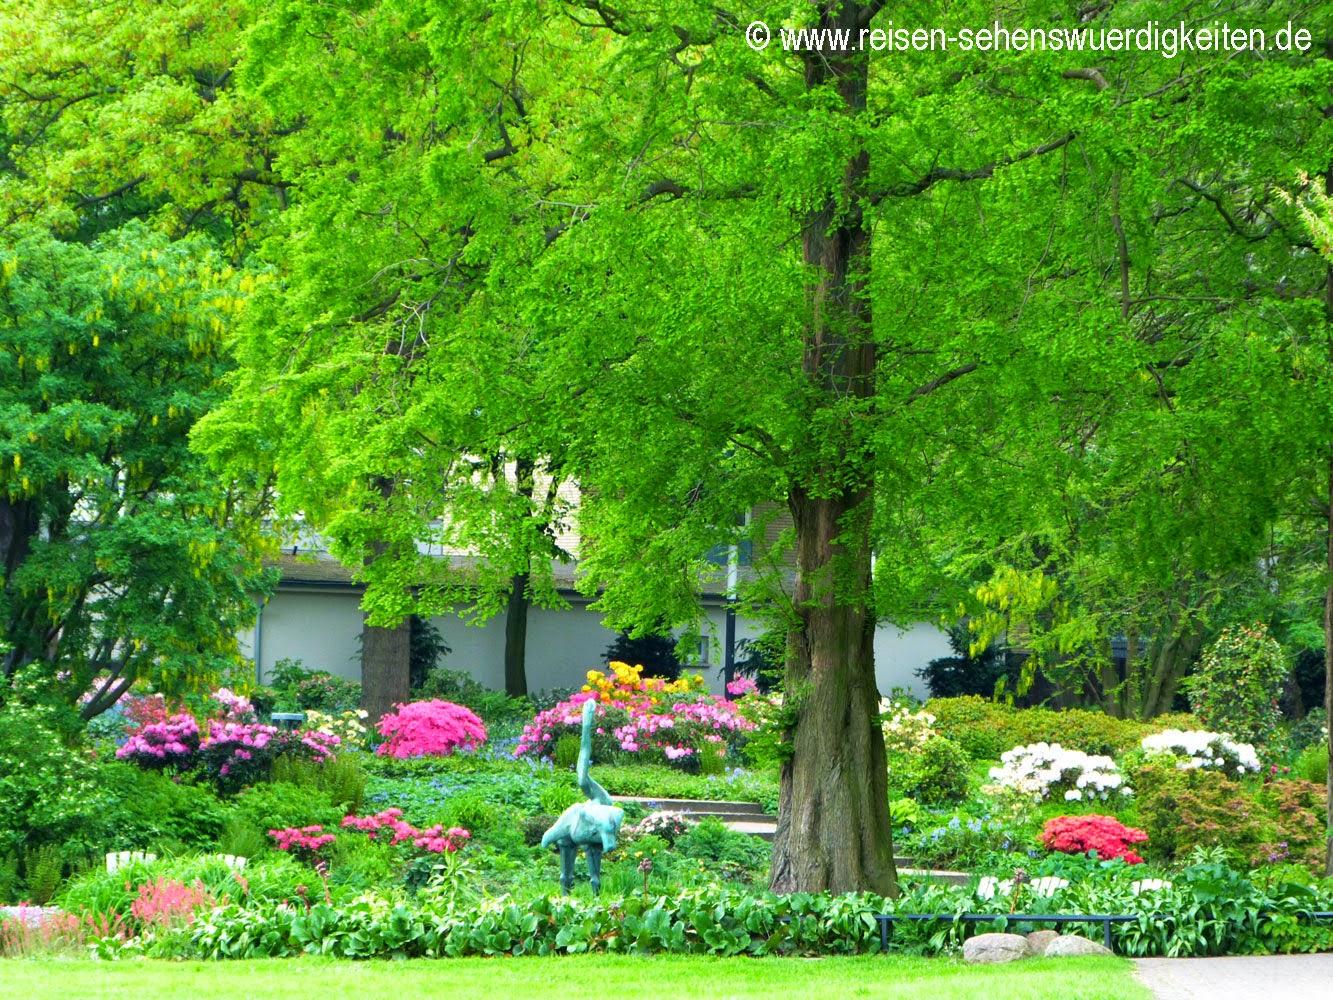 Planten un Blomen - Schönster Park in Hamburg, bunte Blumen unterm Baum